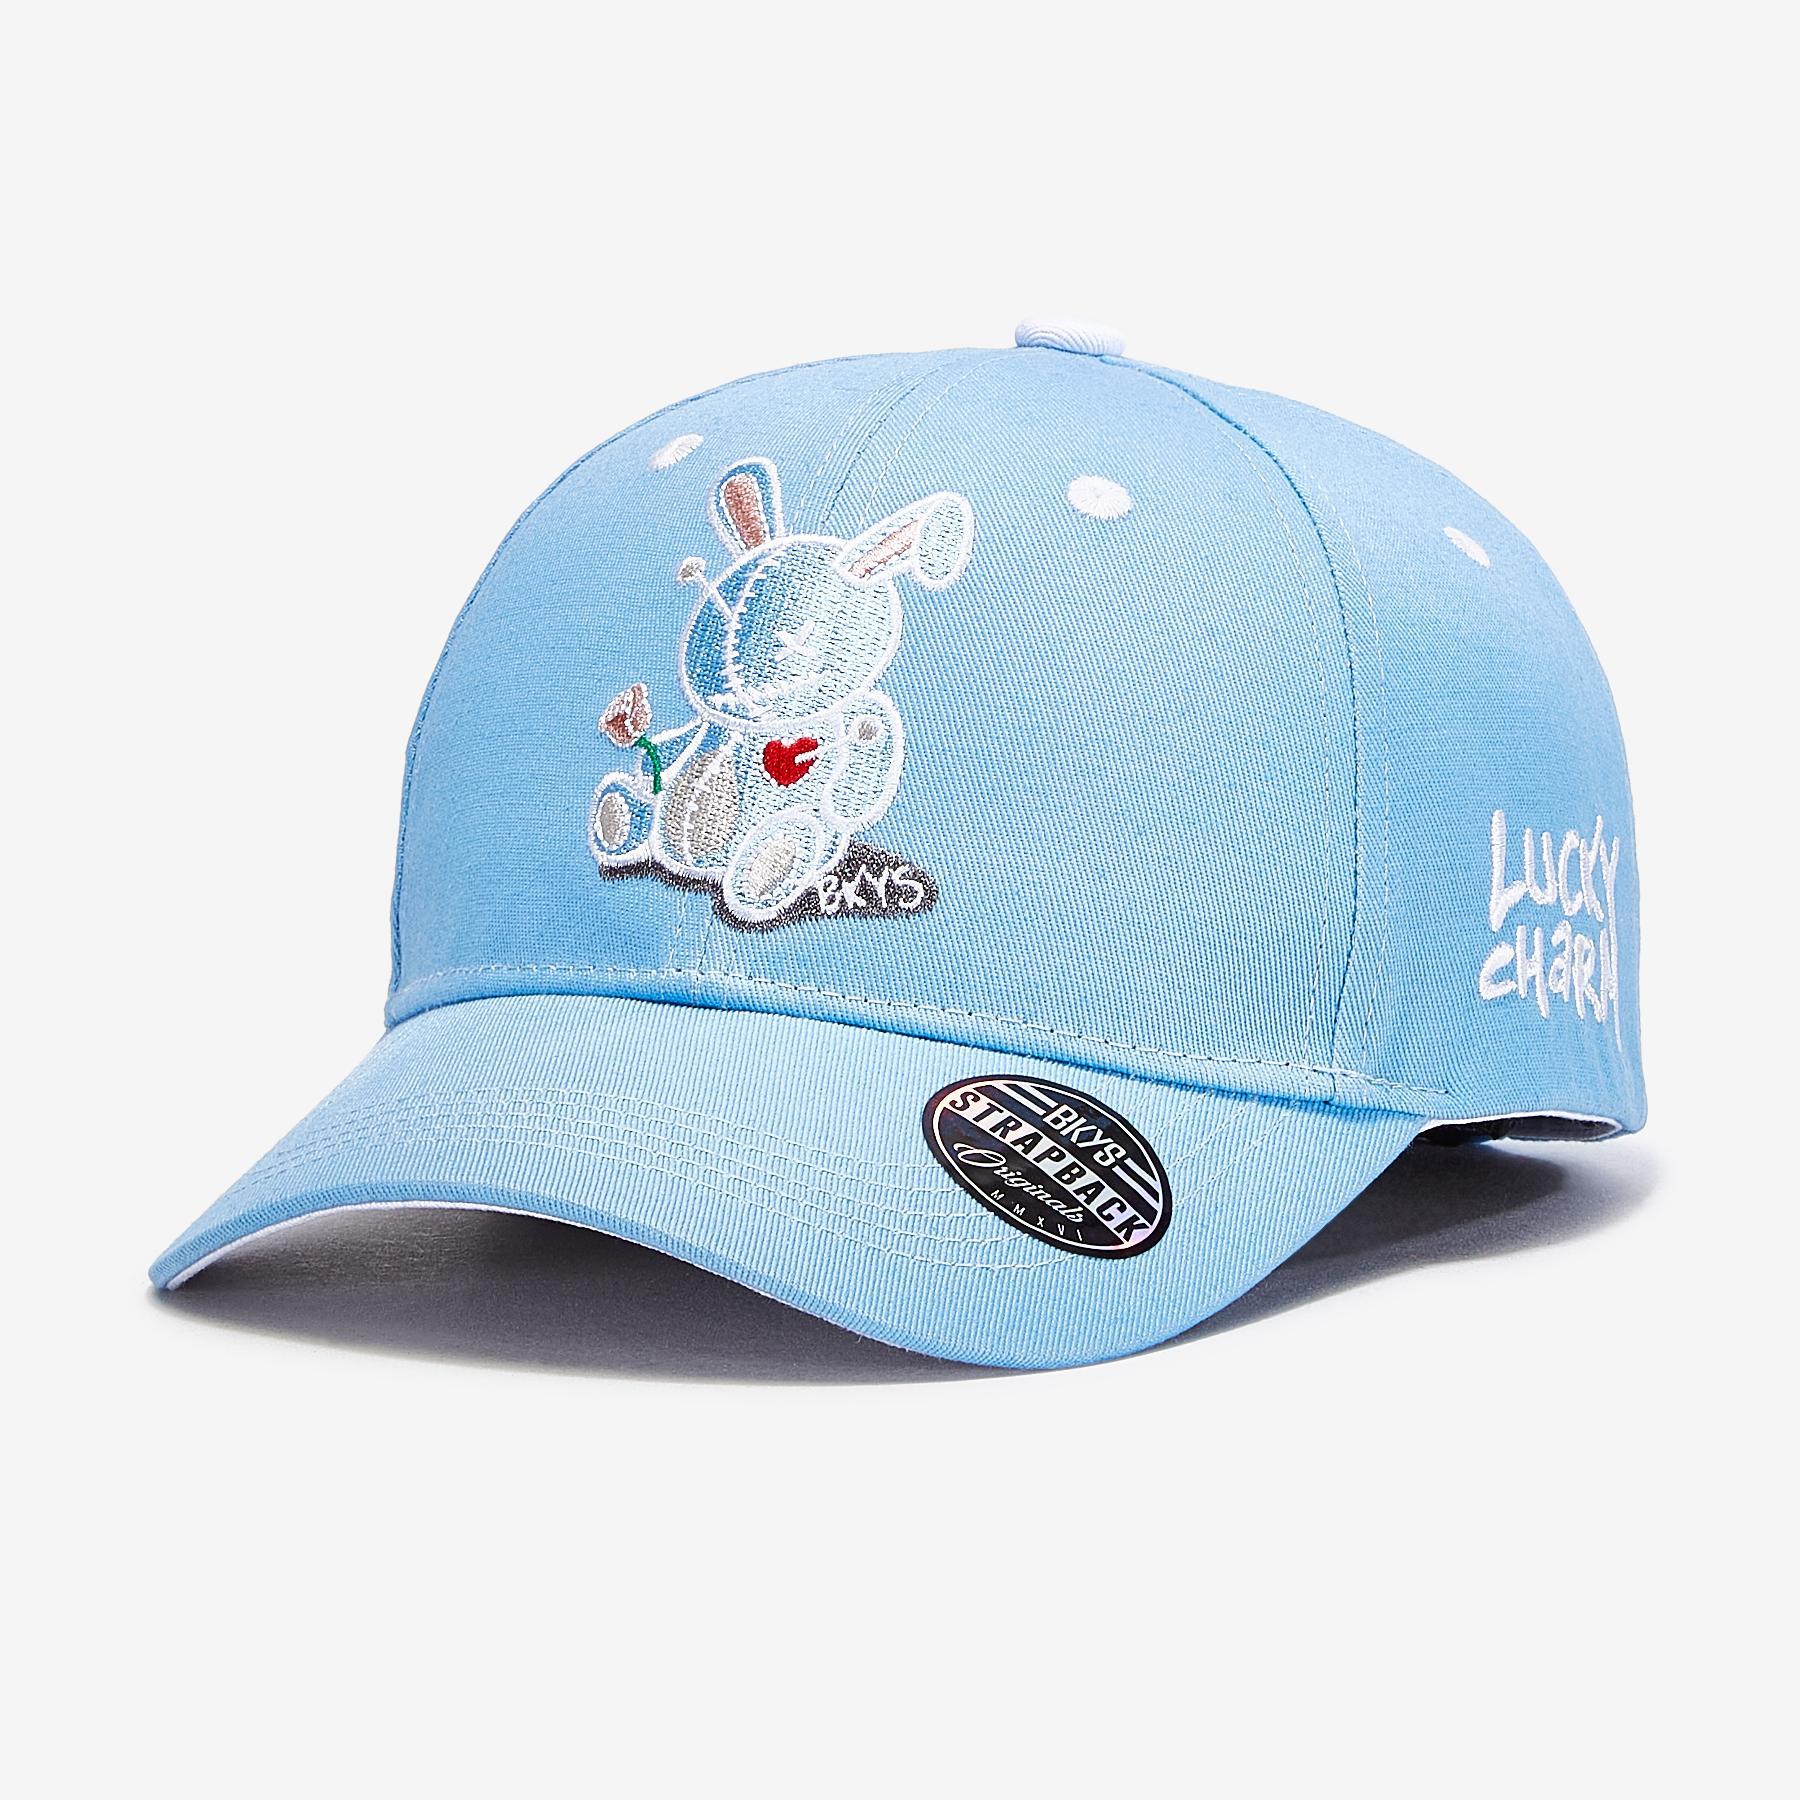 Men's Lucky Charm Hat